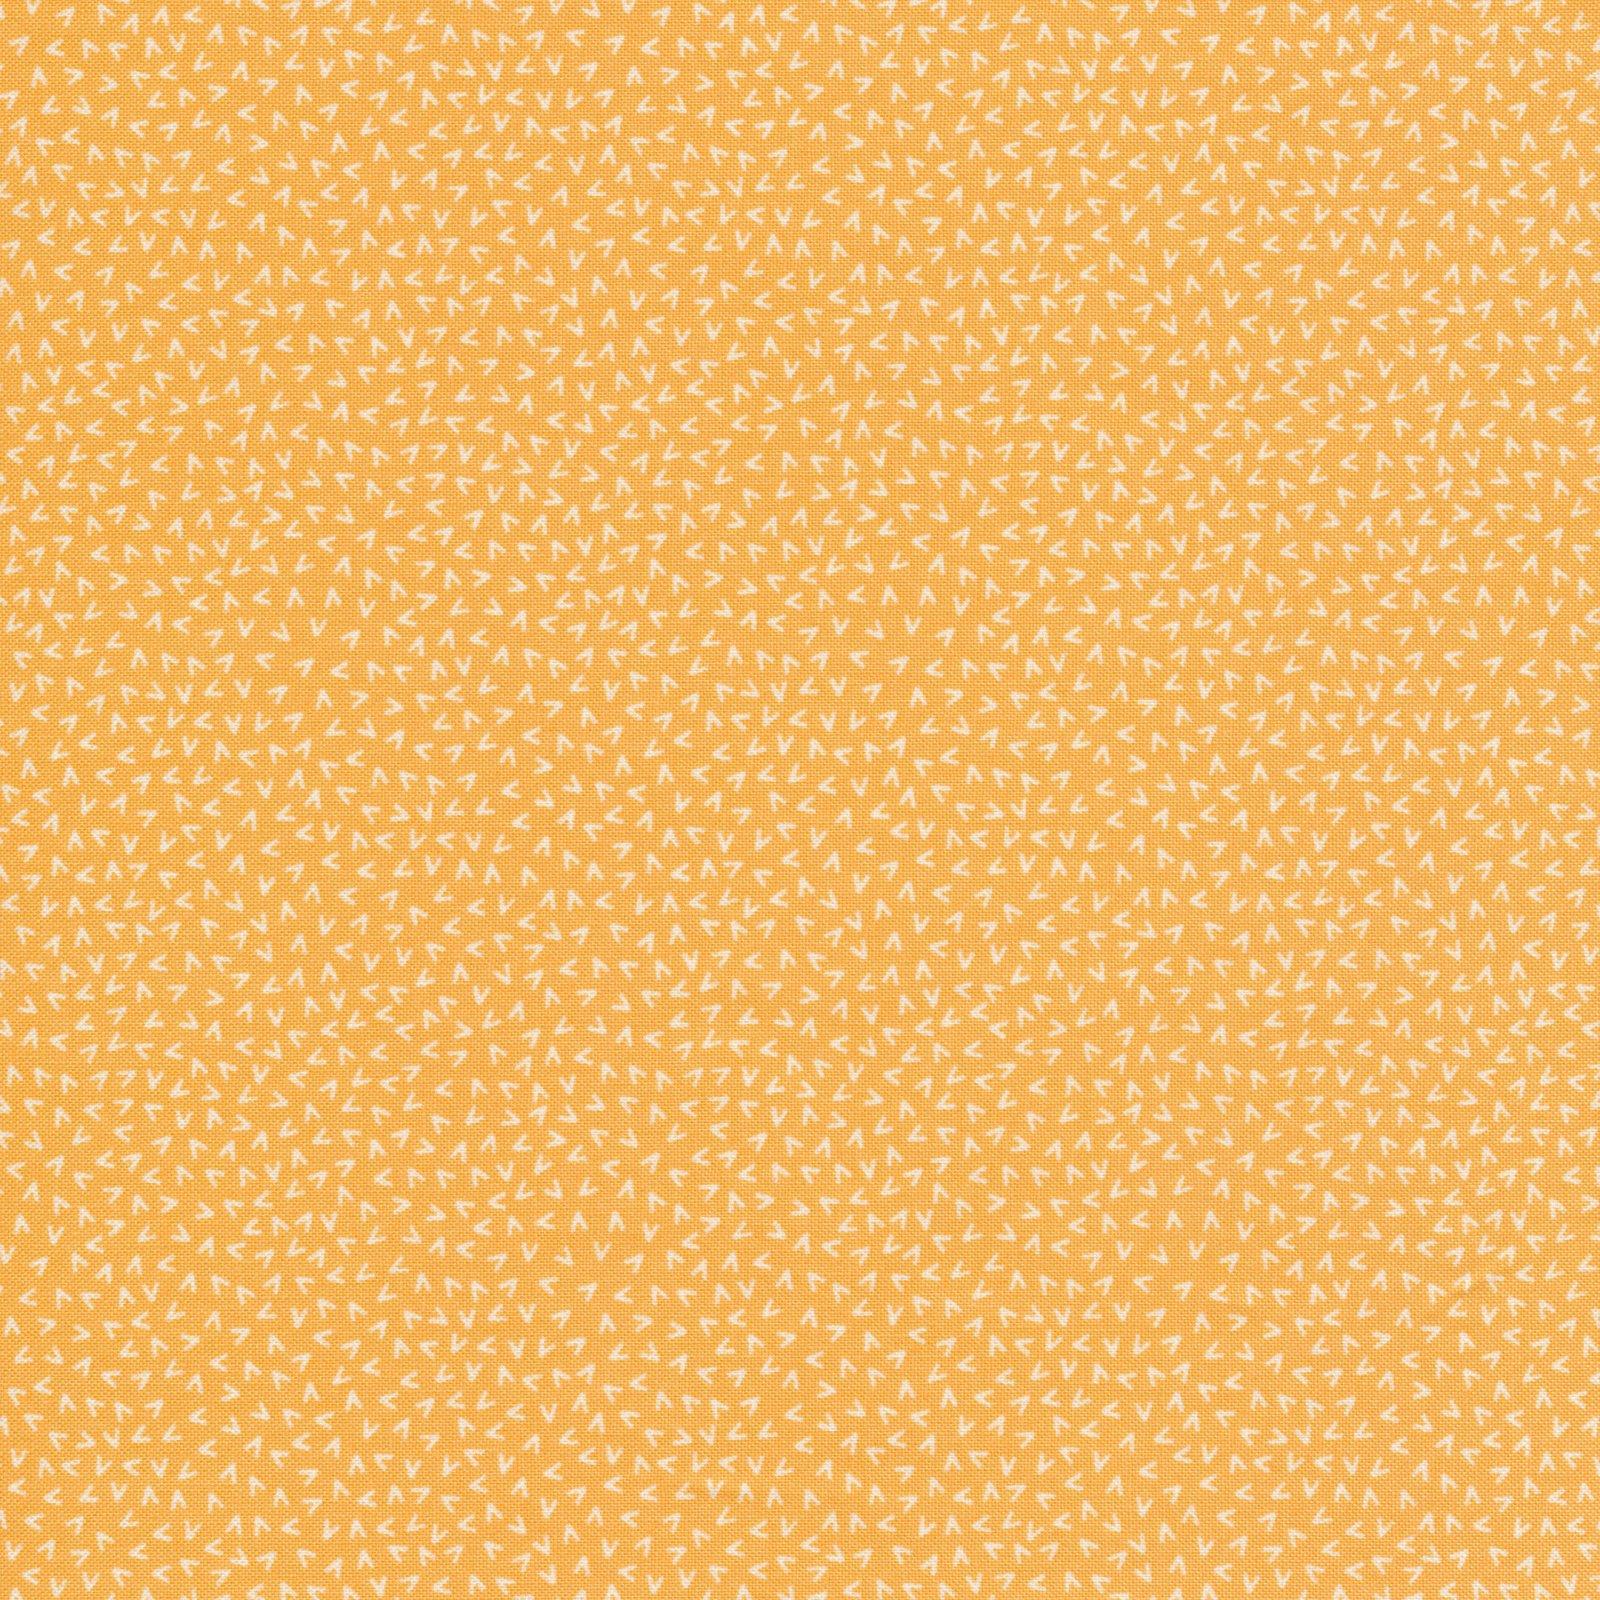 Spring Chicken - Chicken Feet - Yellow